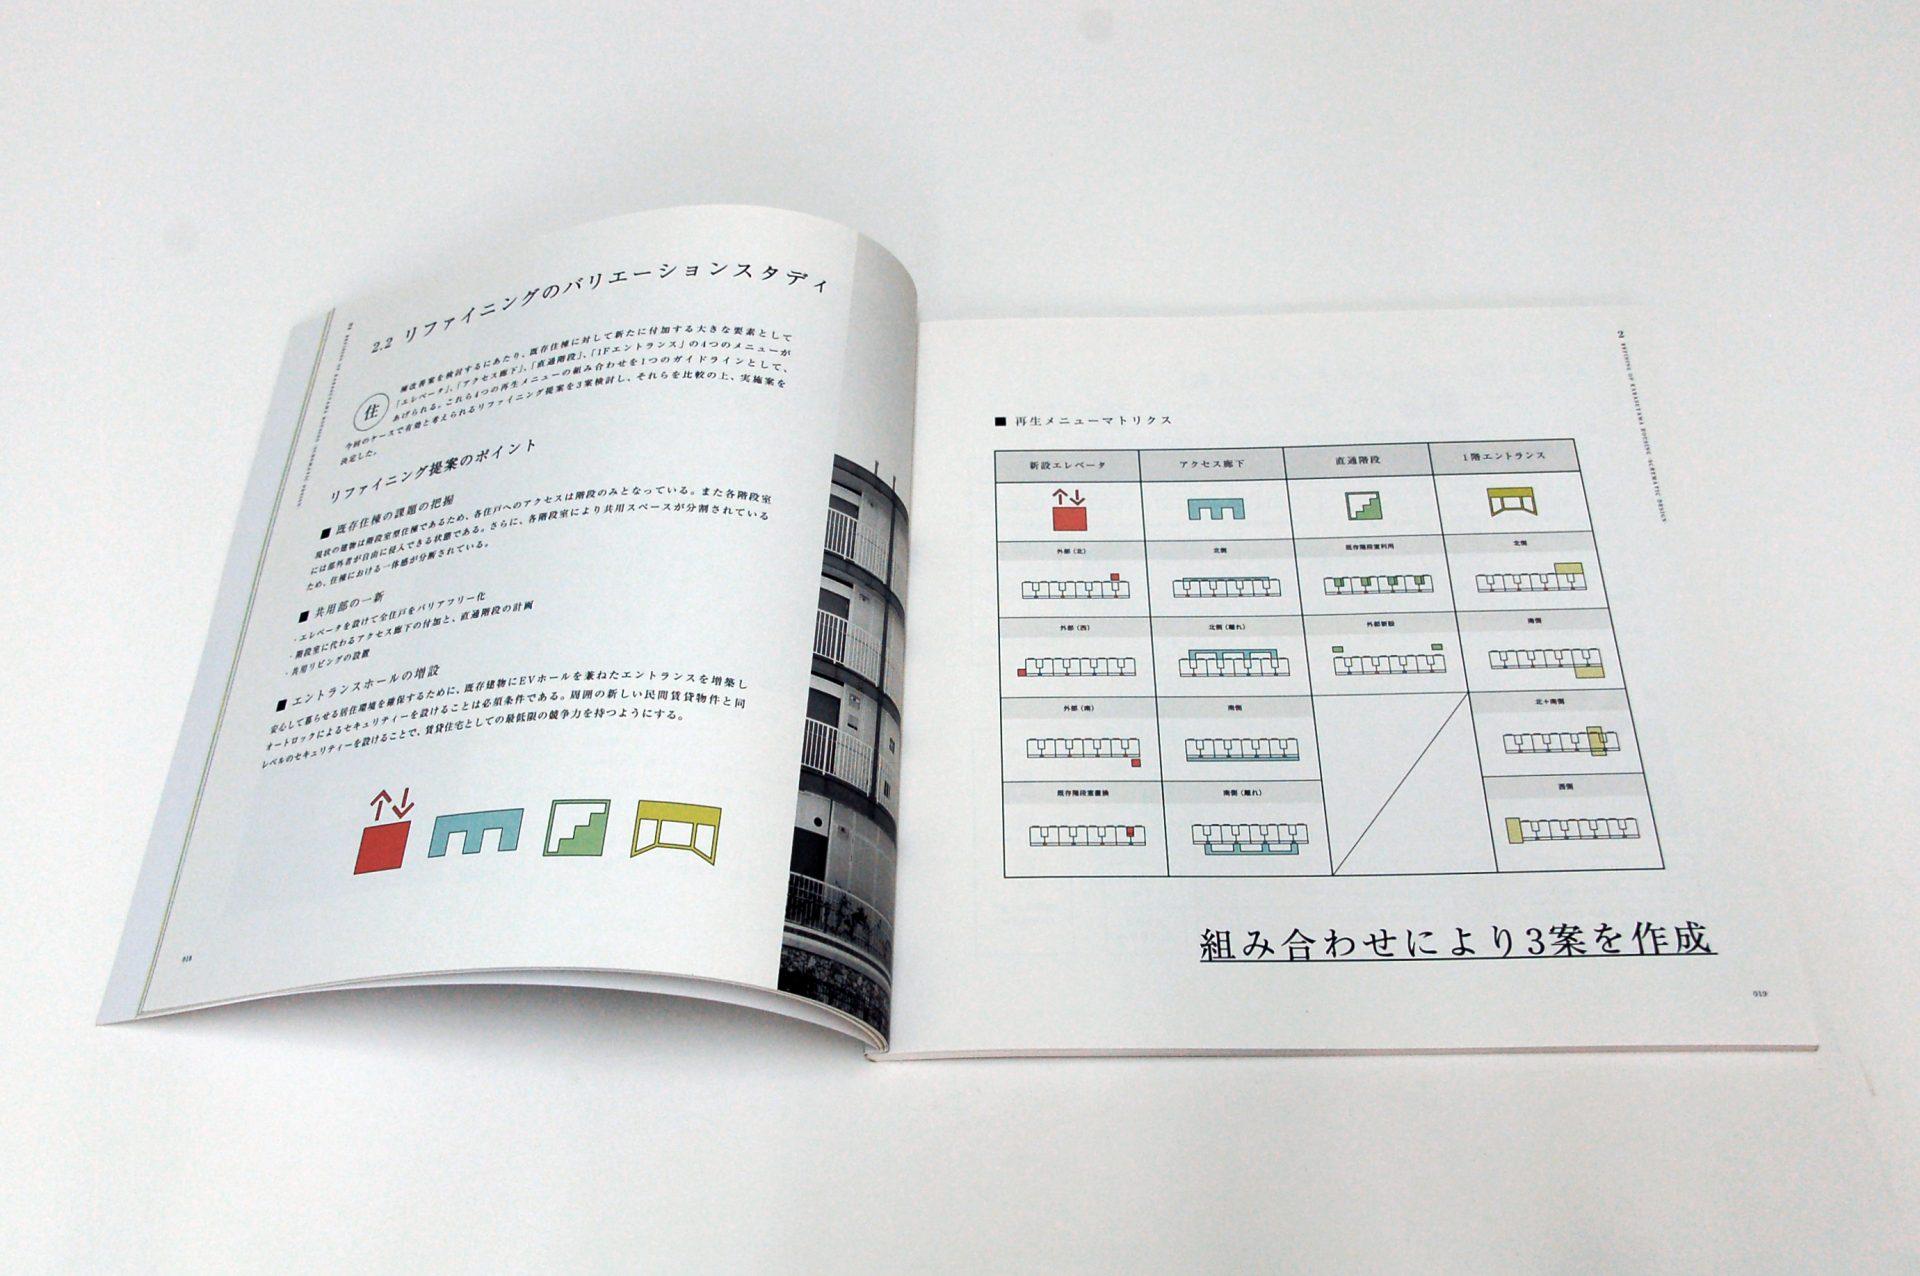 DSC_0041 のコピー